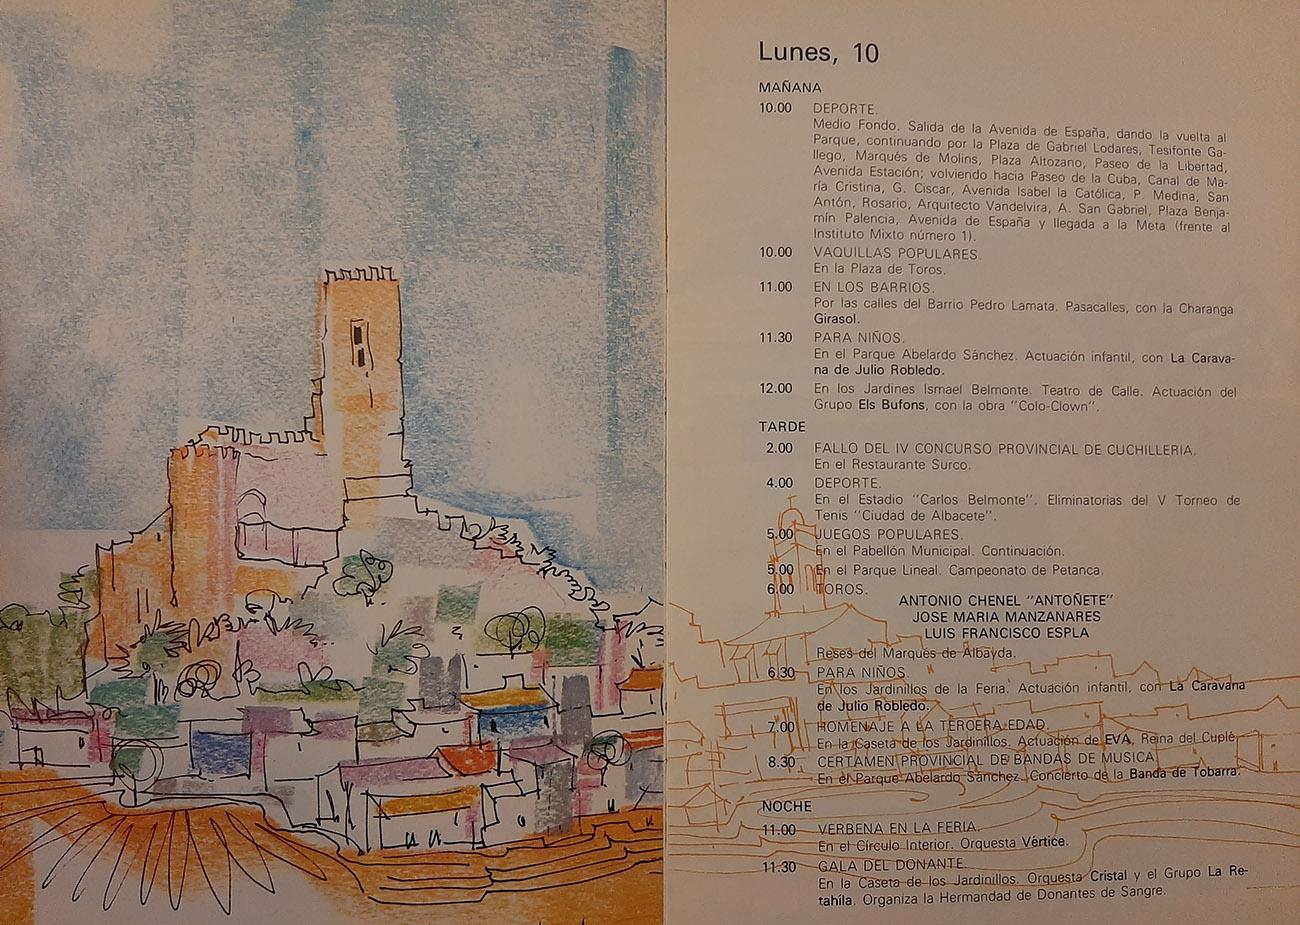 Juan Amo. (1984). Ilustración Programa de Feria de 1984.